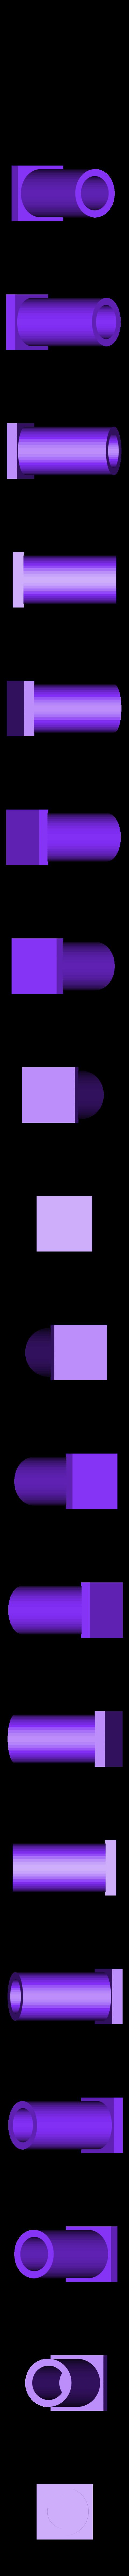 geocache_micro_body.stl Télécharger fichier STL gratuit Geocache Micro Container • Objet pour impression 3D, Khuxtan